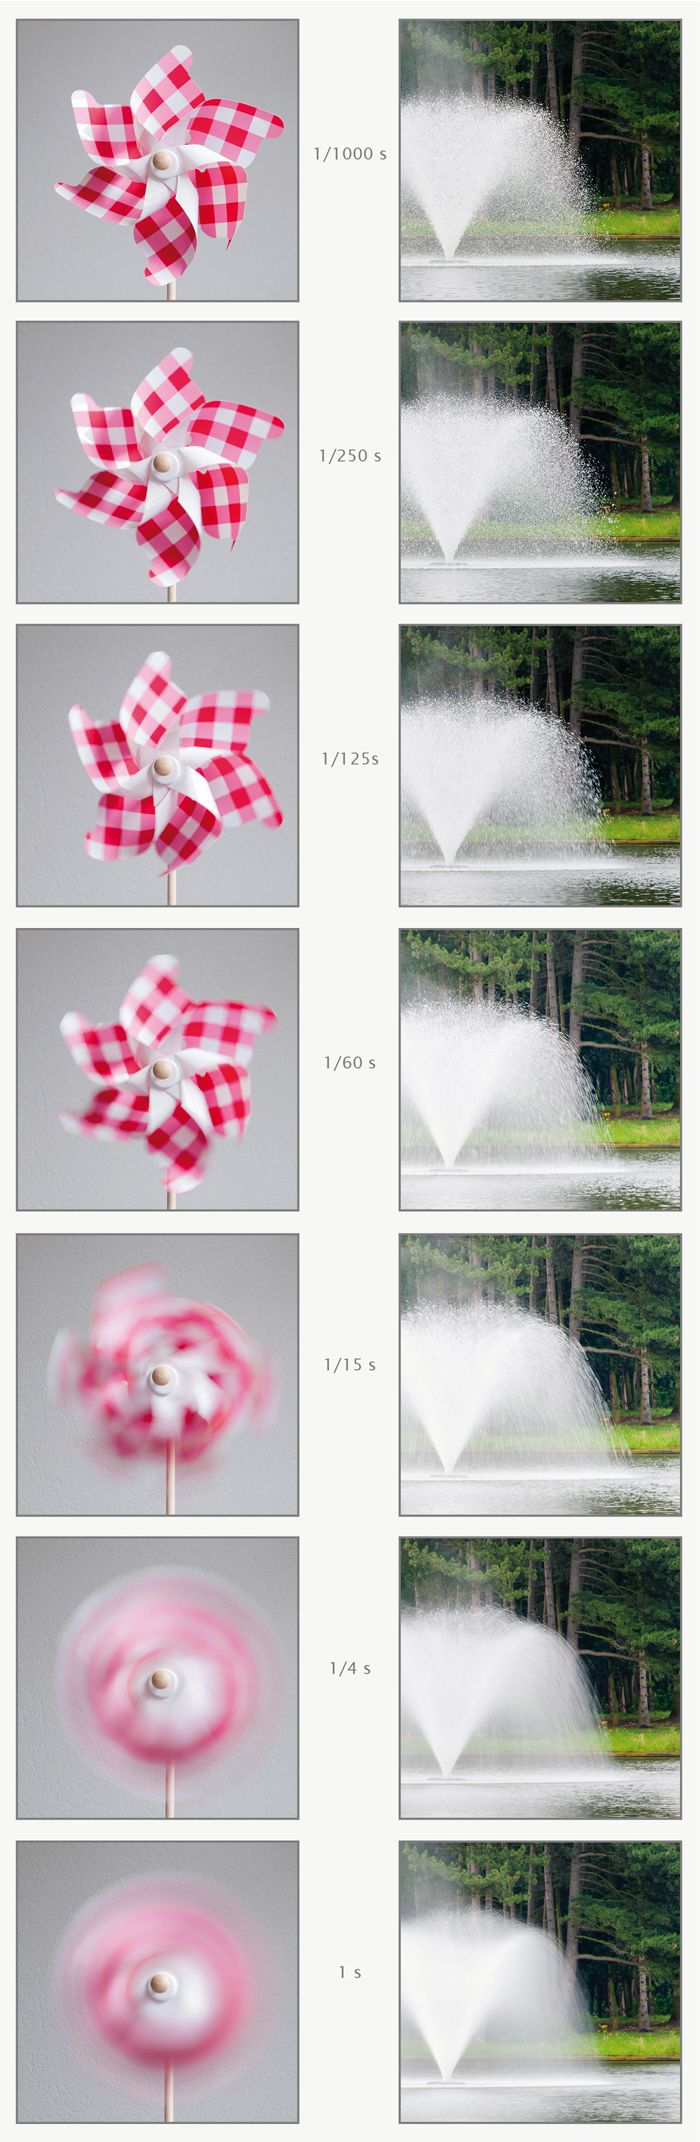 Een windmolentje en een fontein gefotografeerd met verschillende sluitertijd.